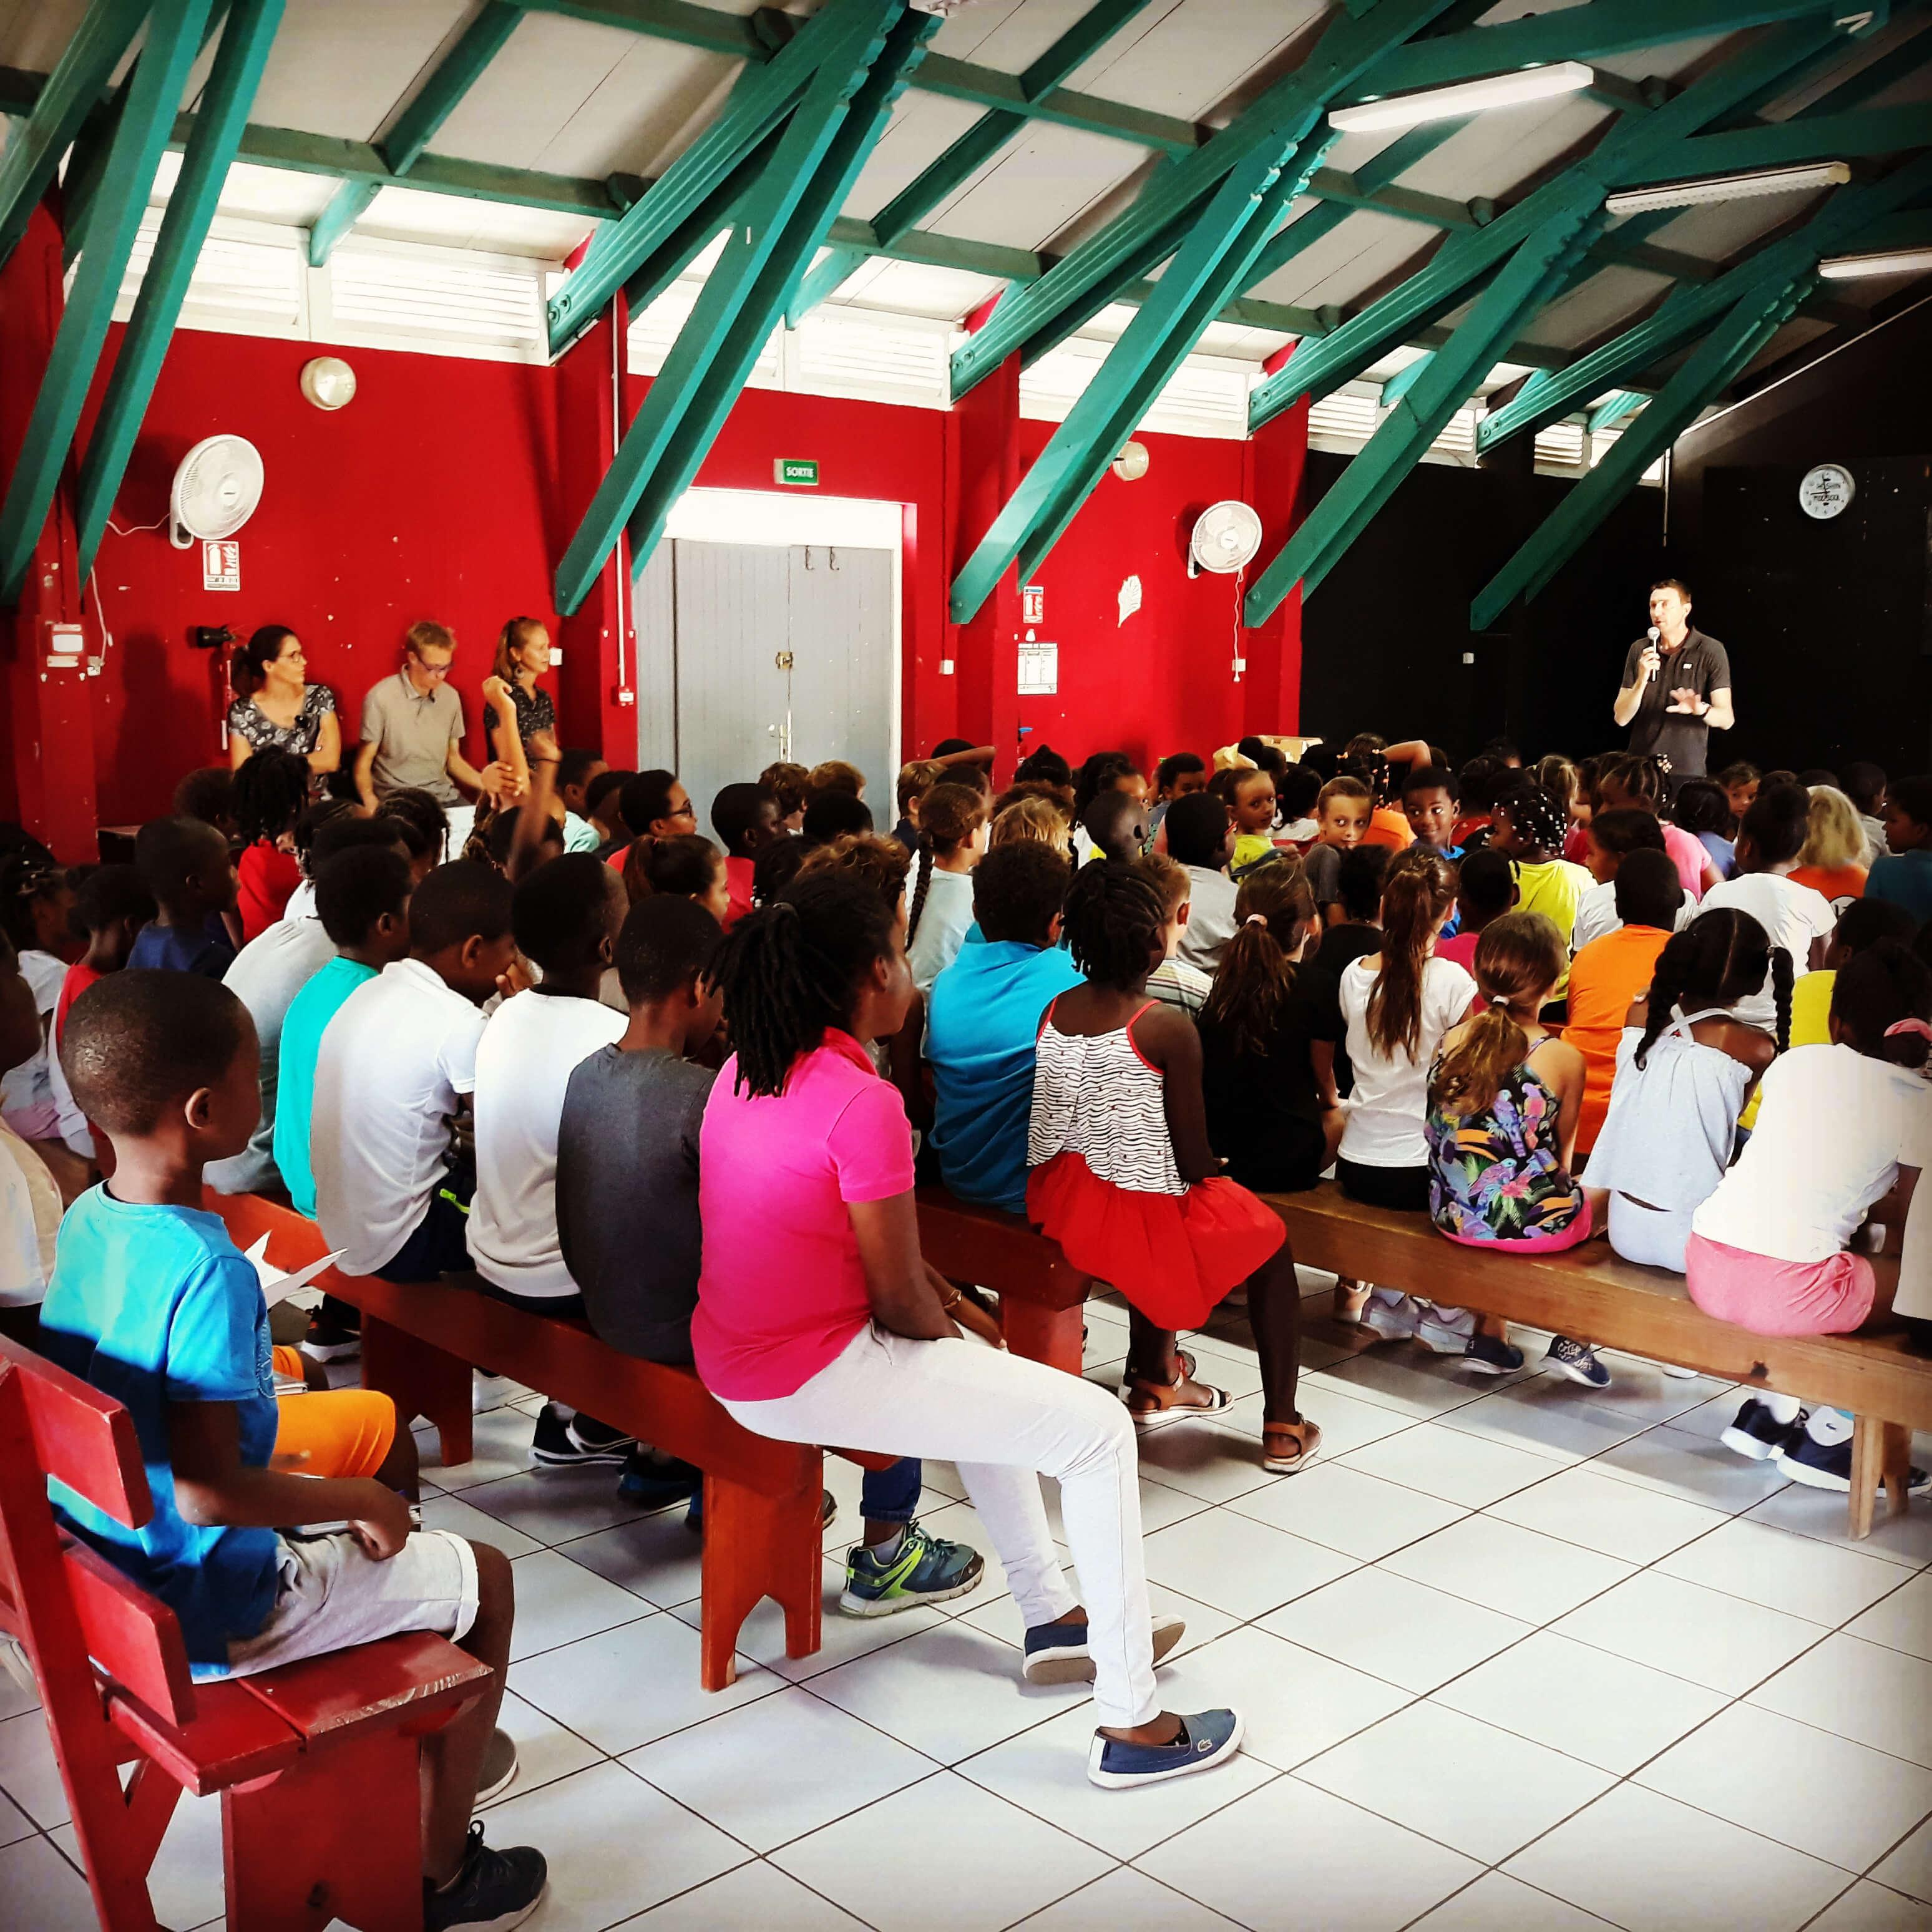 Campagne de sensibilisation au handicap par Fabrice Payen auprès des élèves de l'école mixte 1 à Sainte-Anne